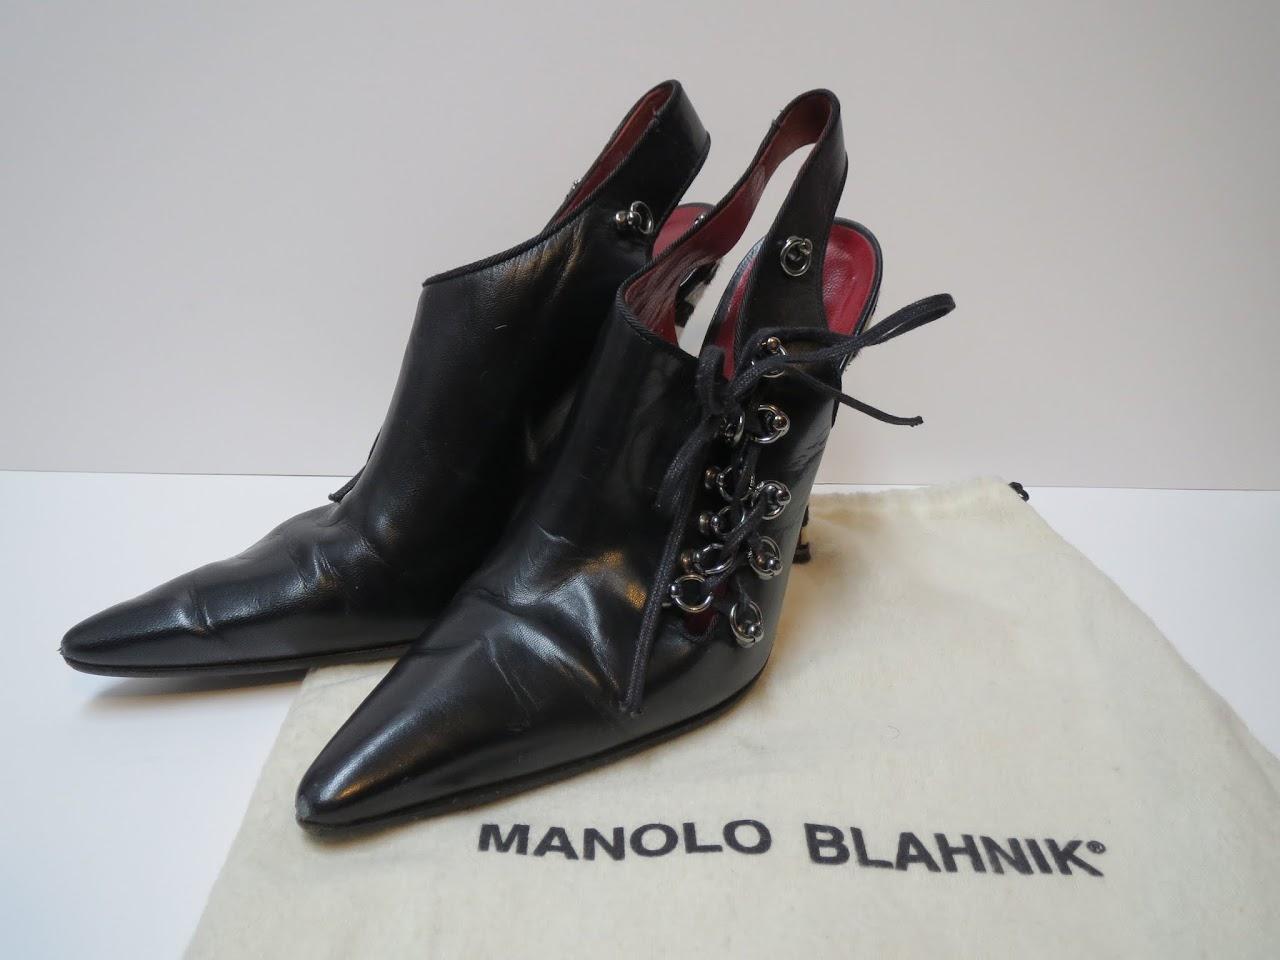 Manolo Blahnik Bondage Stilettos